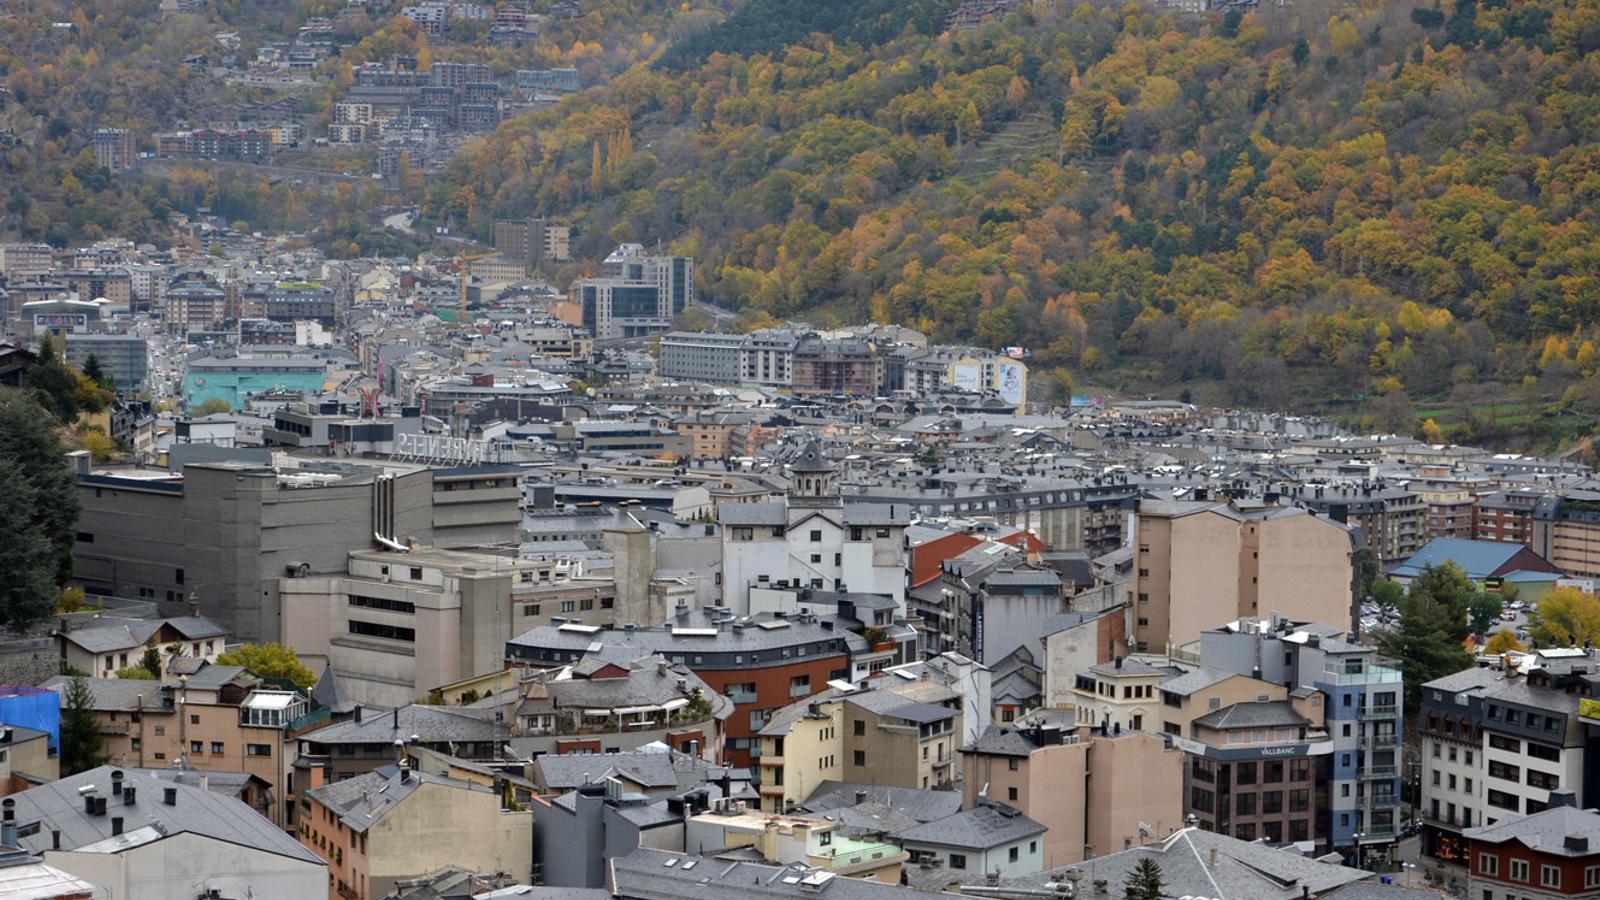 Les parròquies d'Andorra la Vella i Escaldes-Engordany. / ARXIU ANA